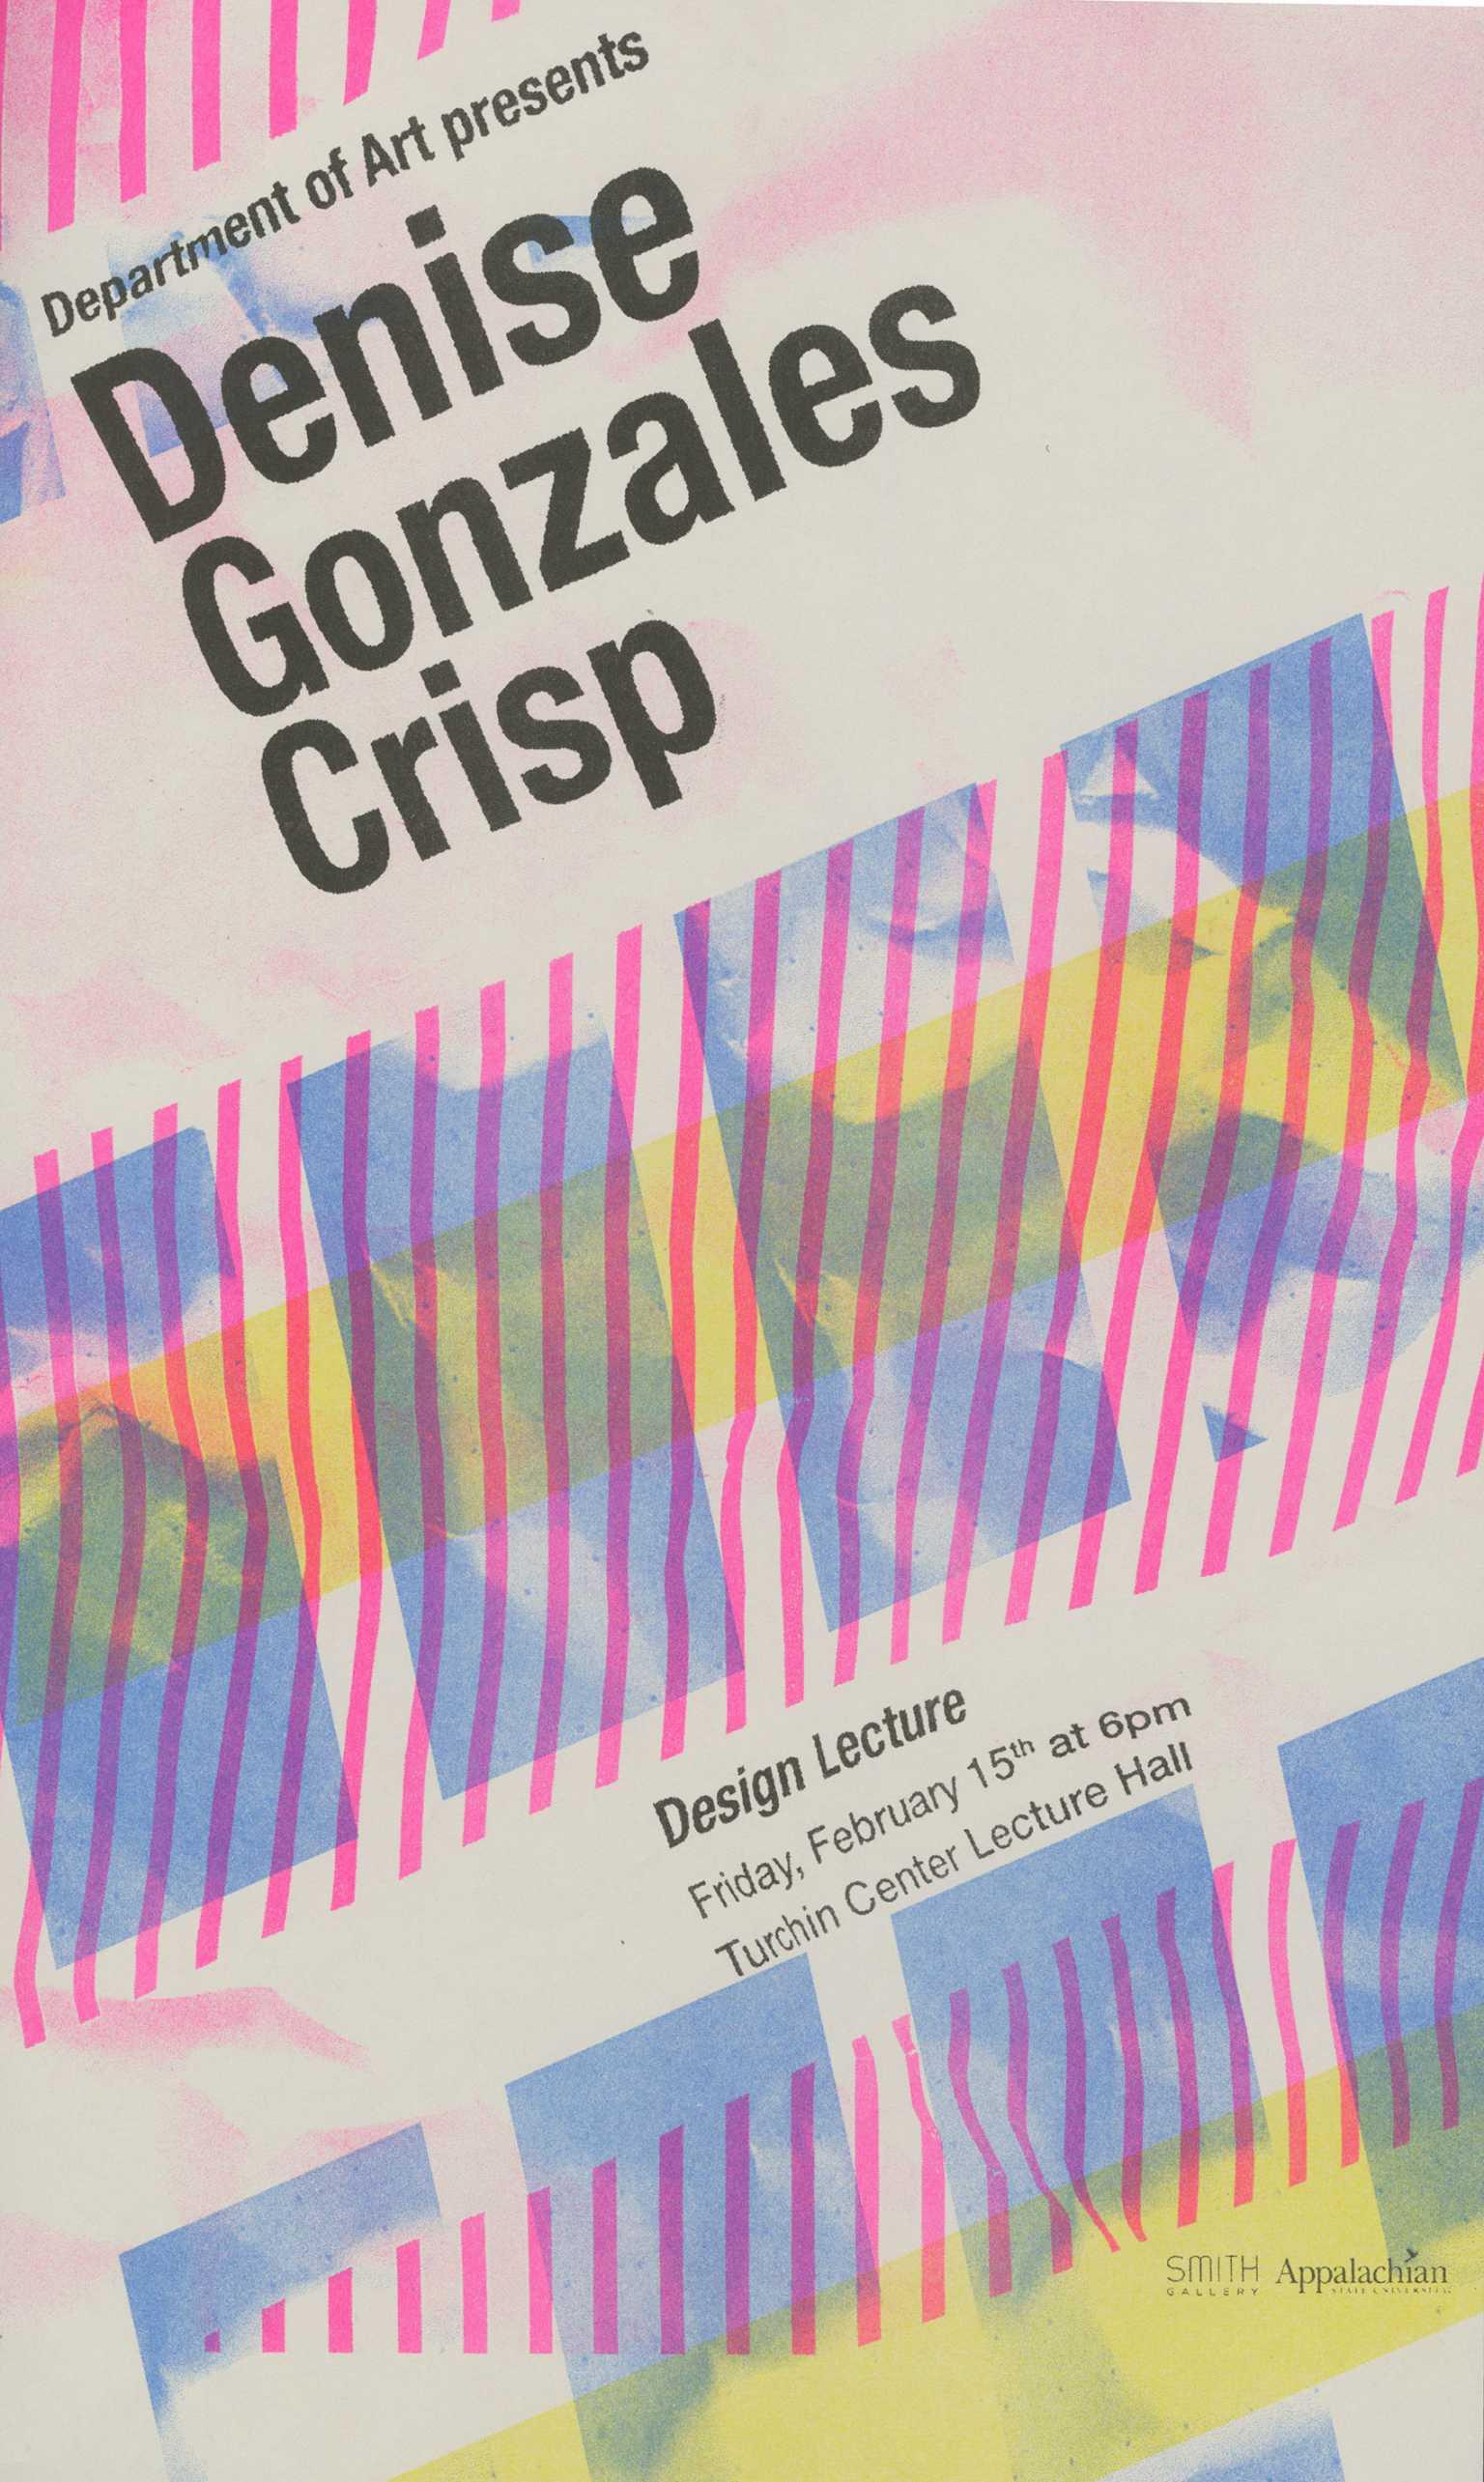 Denise Gonzalez Crisp poster